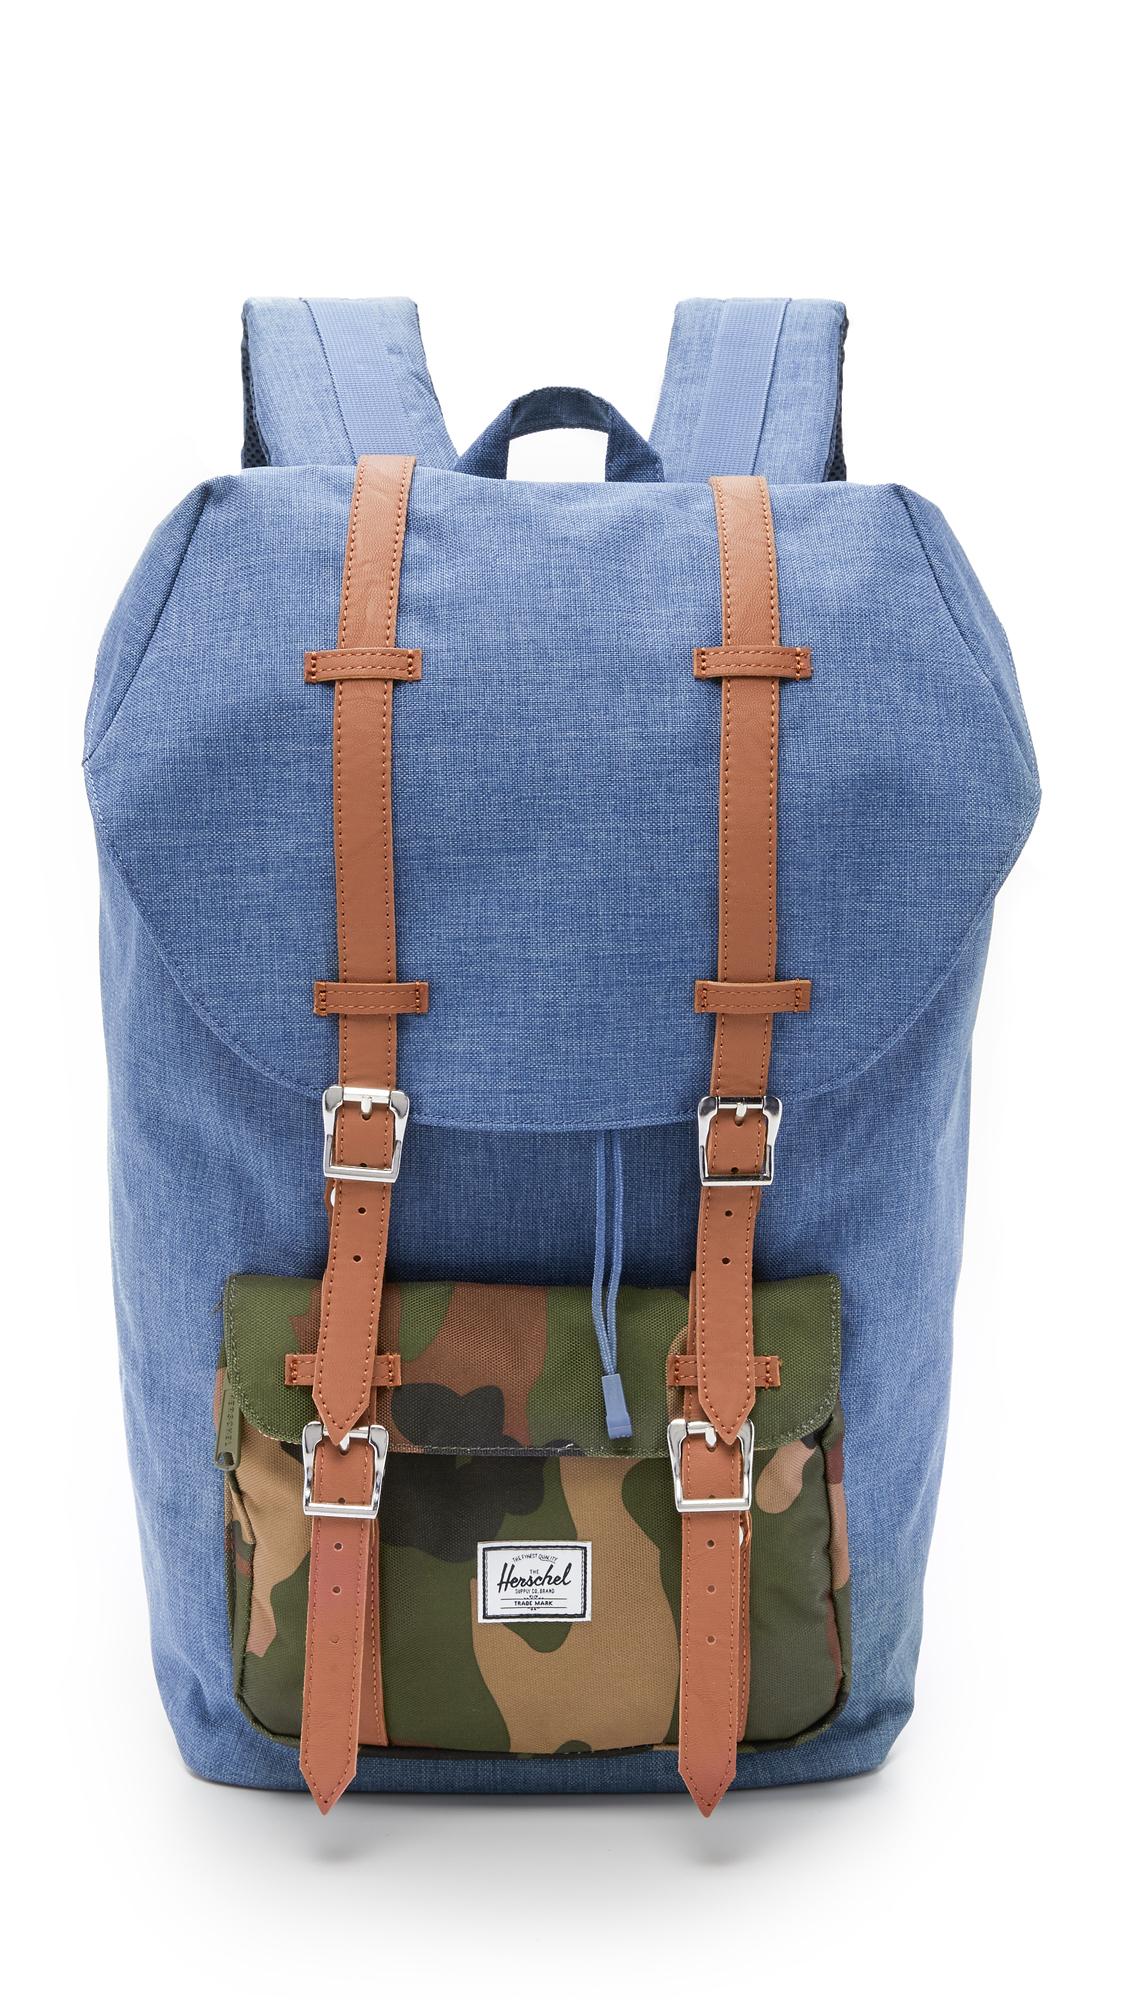 b9112818f94 Lyst - Herschel Supply Co. Little America Backpack in Blue for Men